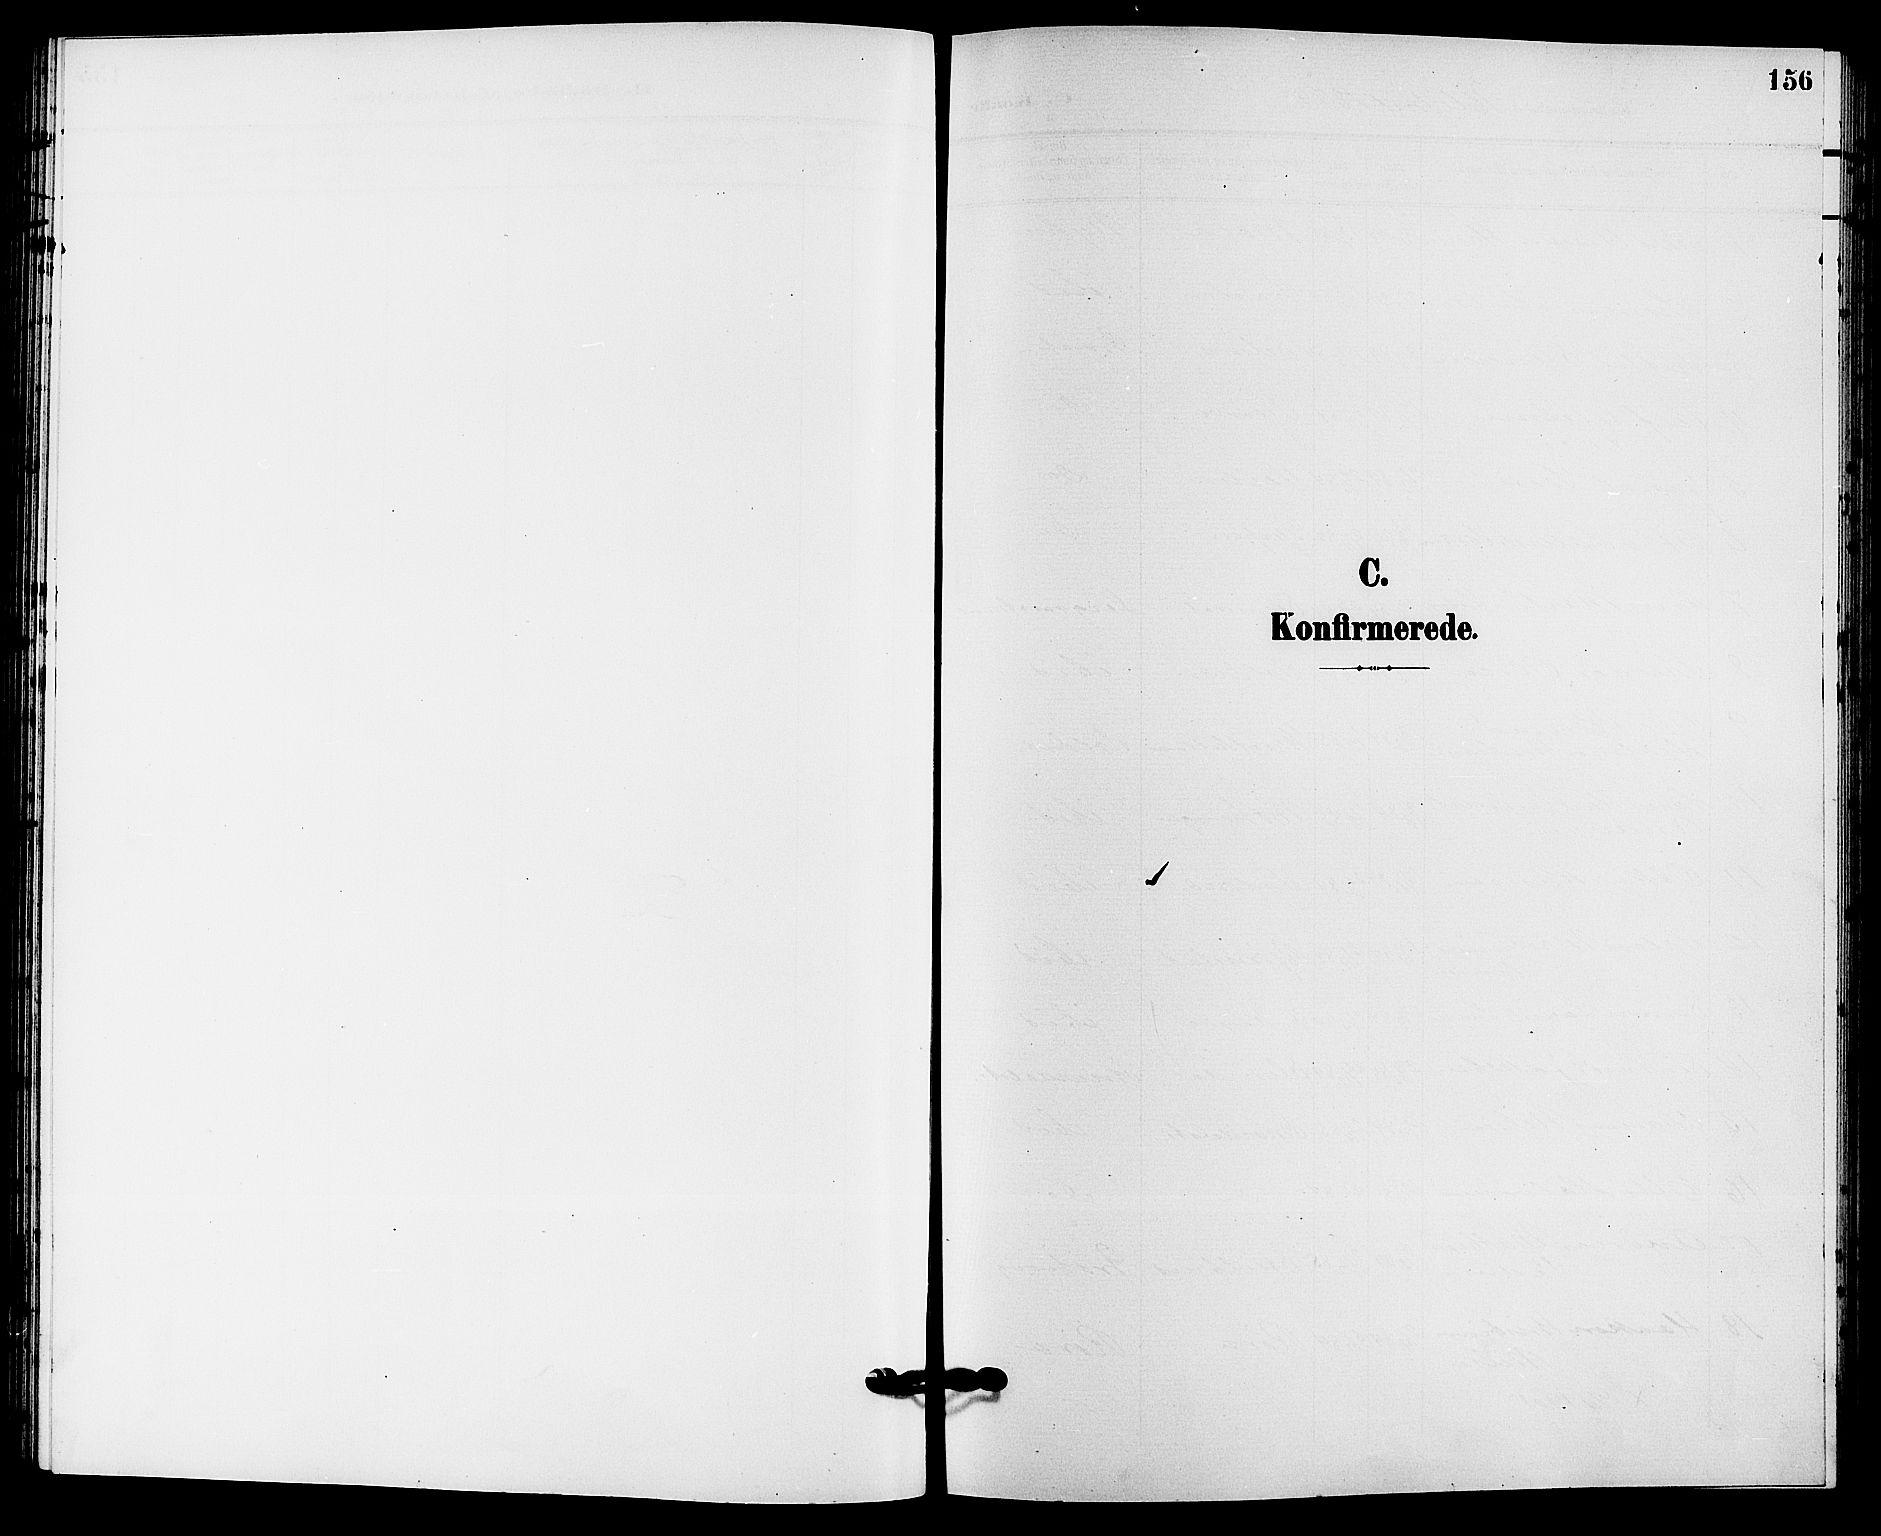 SAKO, Solum kirkebøker, G/Ga/L0008: Klokkerbok nr. I 8, 1898-1909, s. 156